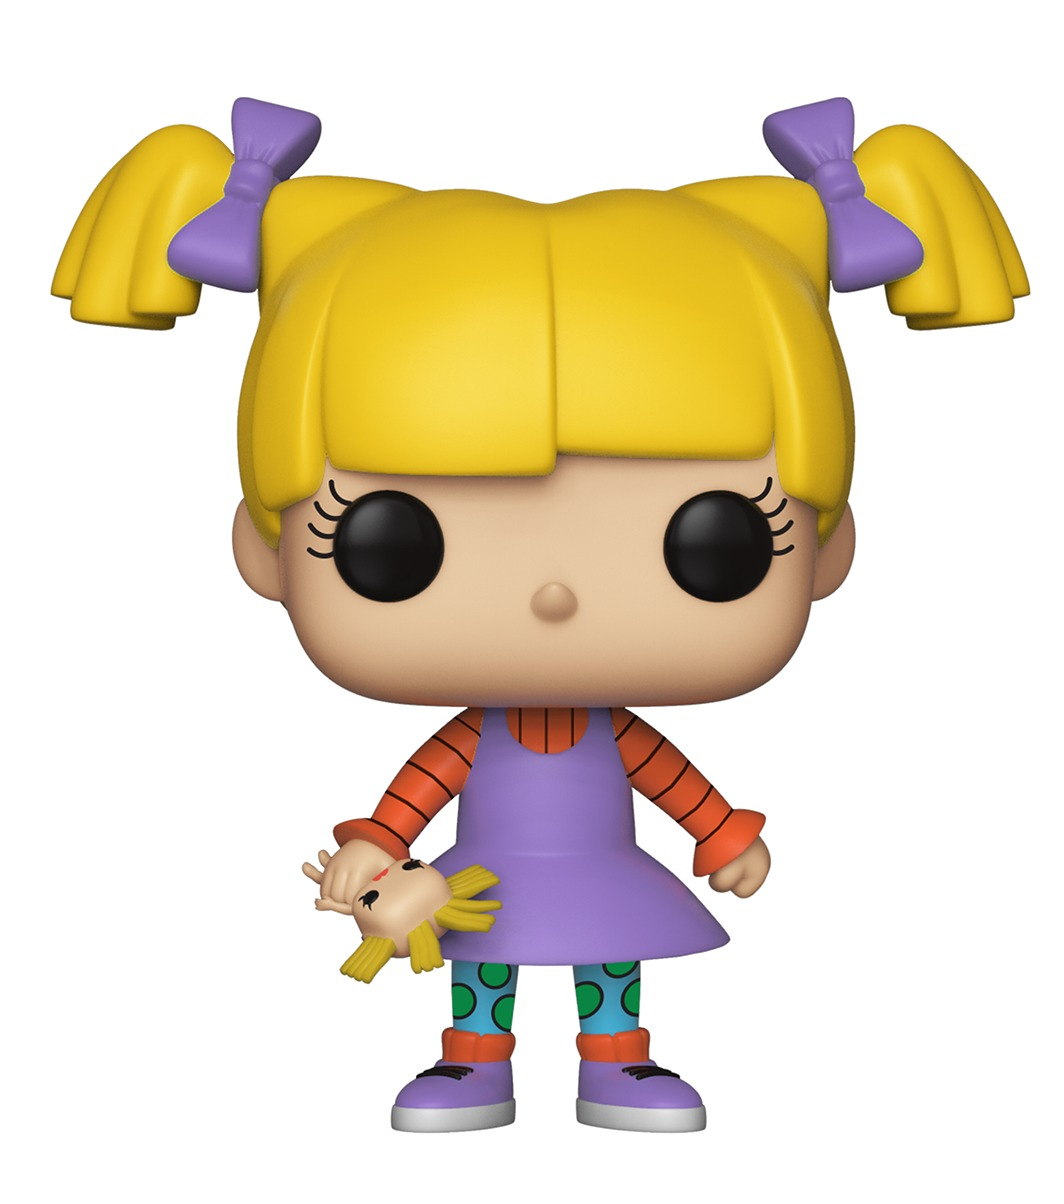 Rugrats - Angelica Pop! Vinyl Figure image